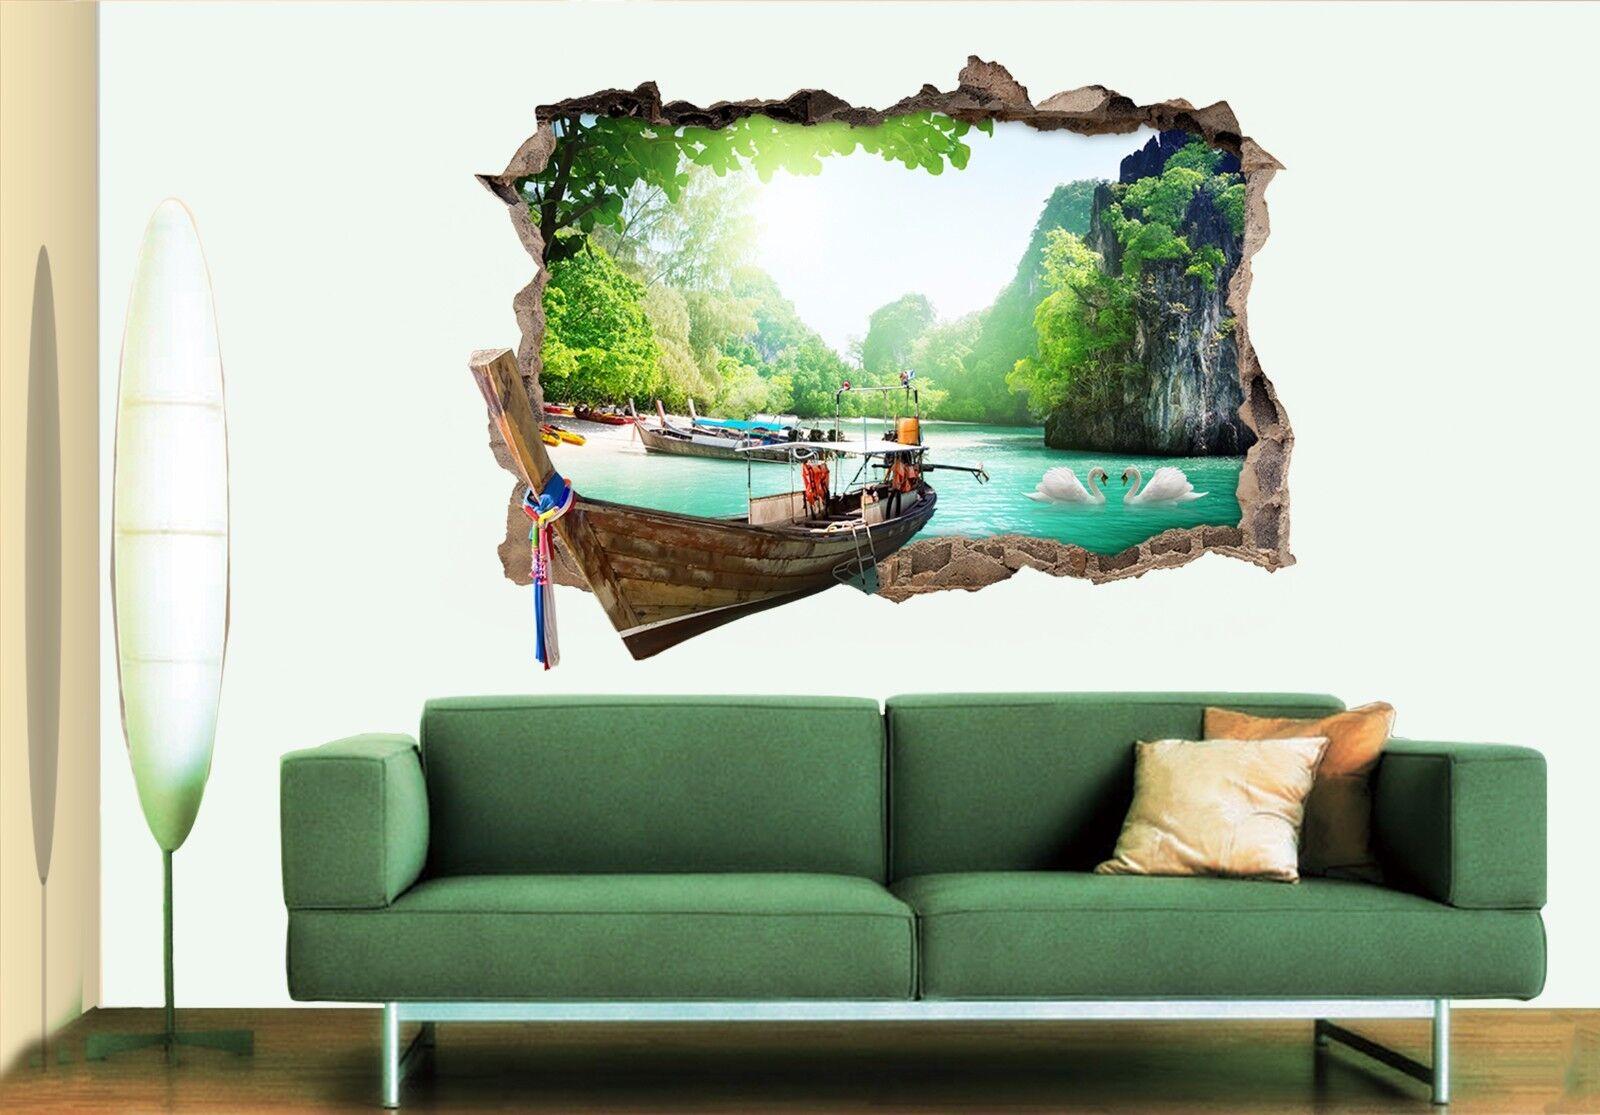 3D Landschaft 708 Mauer Murals Mauer Aufklebe Decal Durchbruch AJ WALL DE Kyra